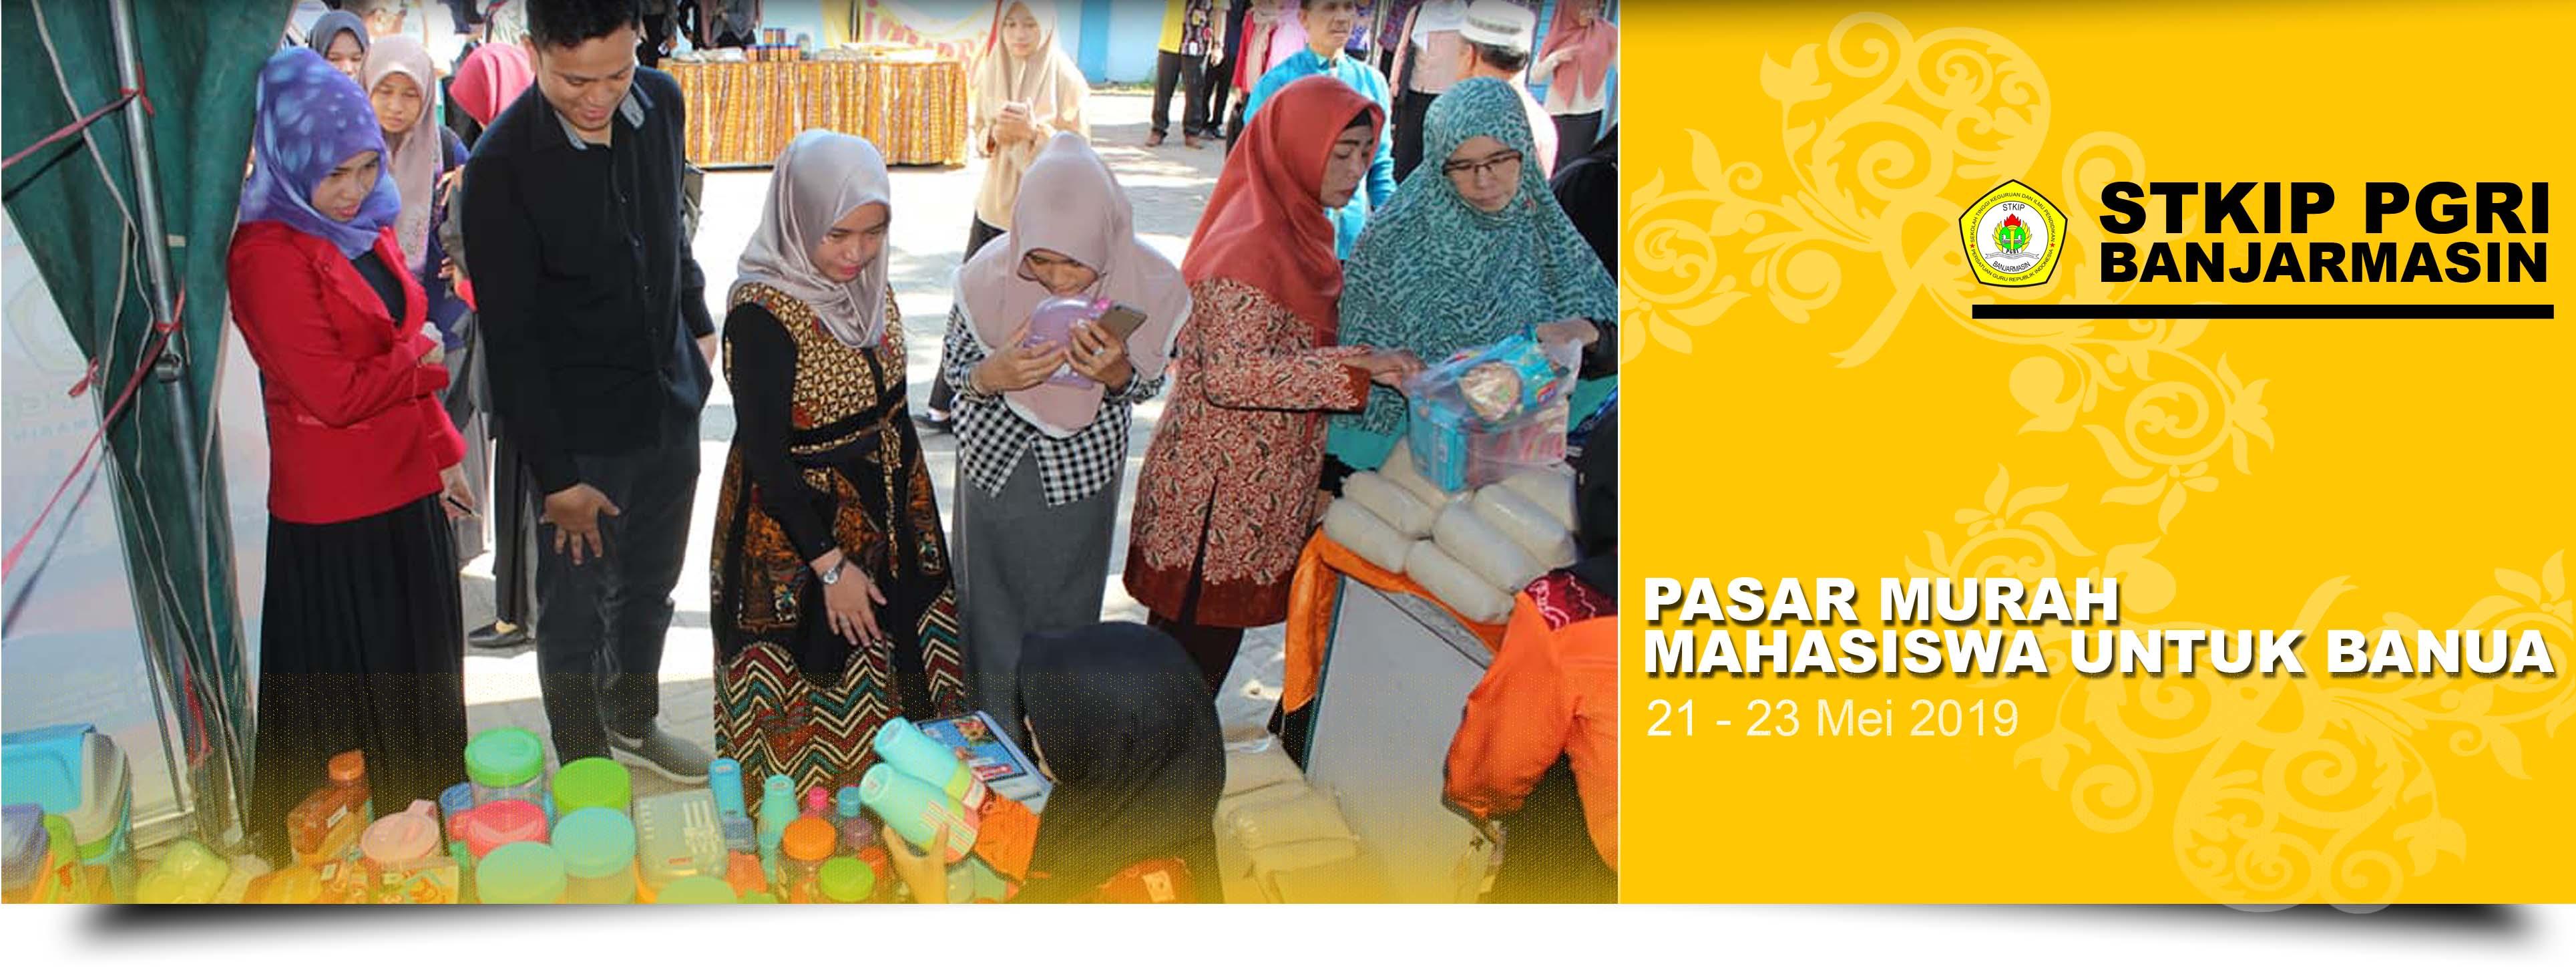 Pasar murah mahasiswa untuk Banua